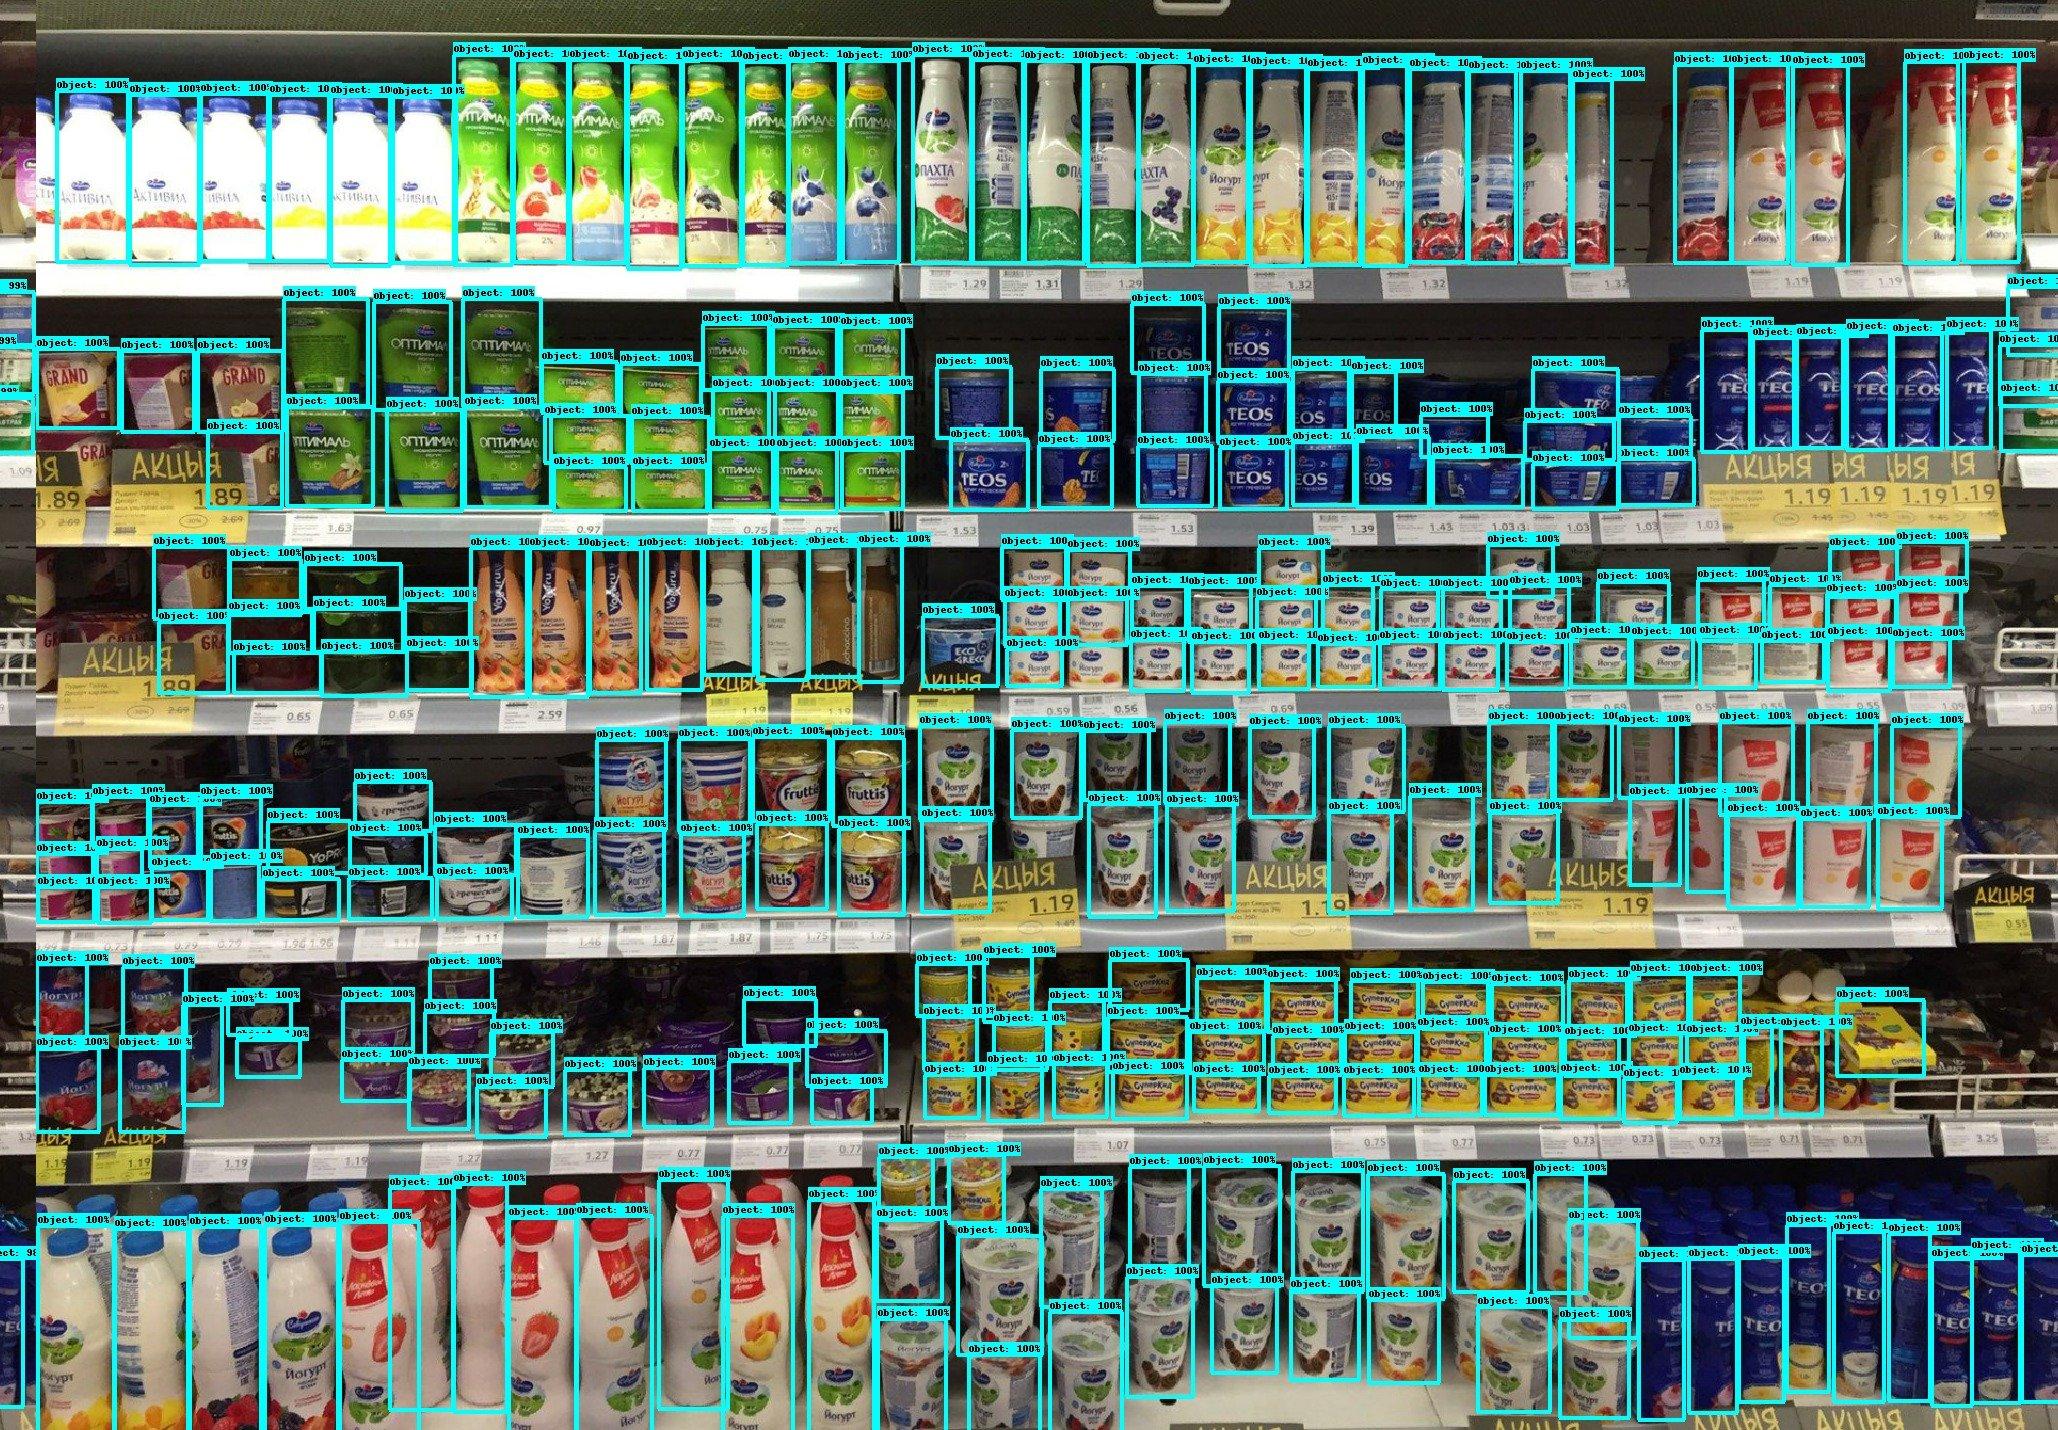 В Гомельской области искусственный интеллект проанализирует товары на полках магазинов